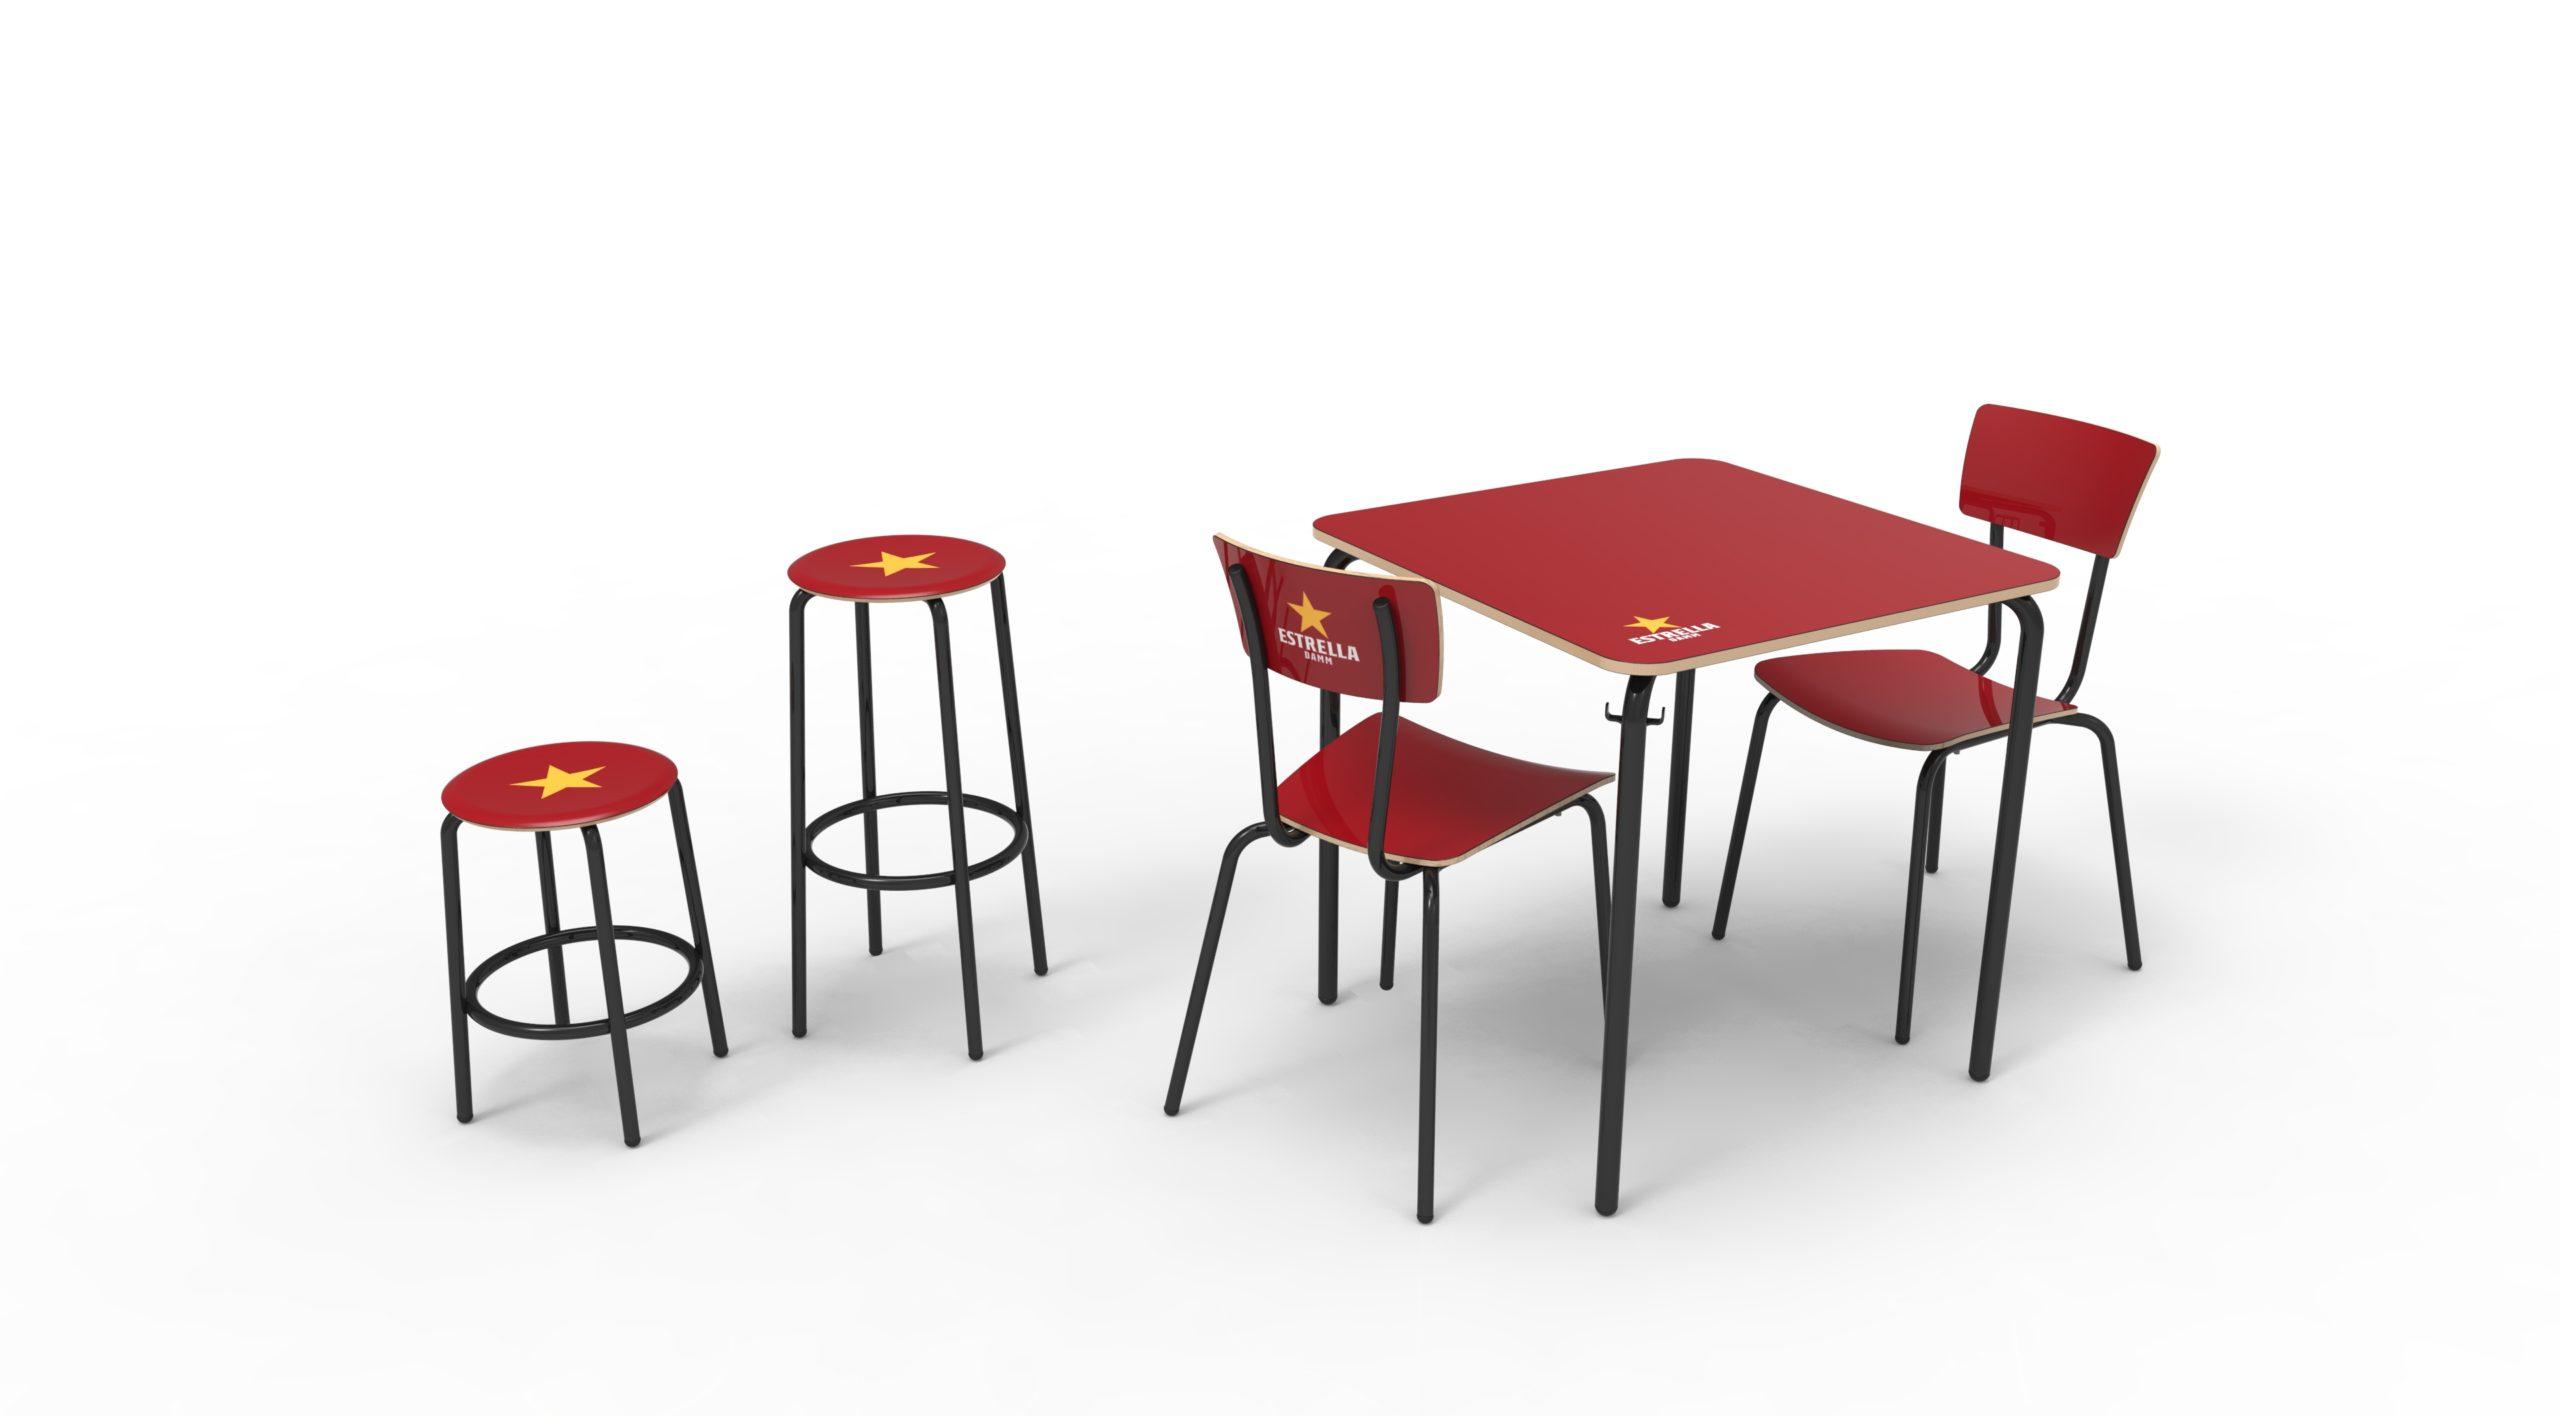 Diseño de sillas y mesas de Fórmica